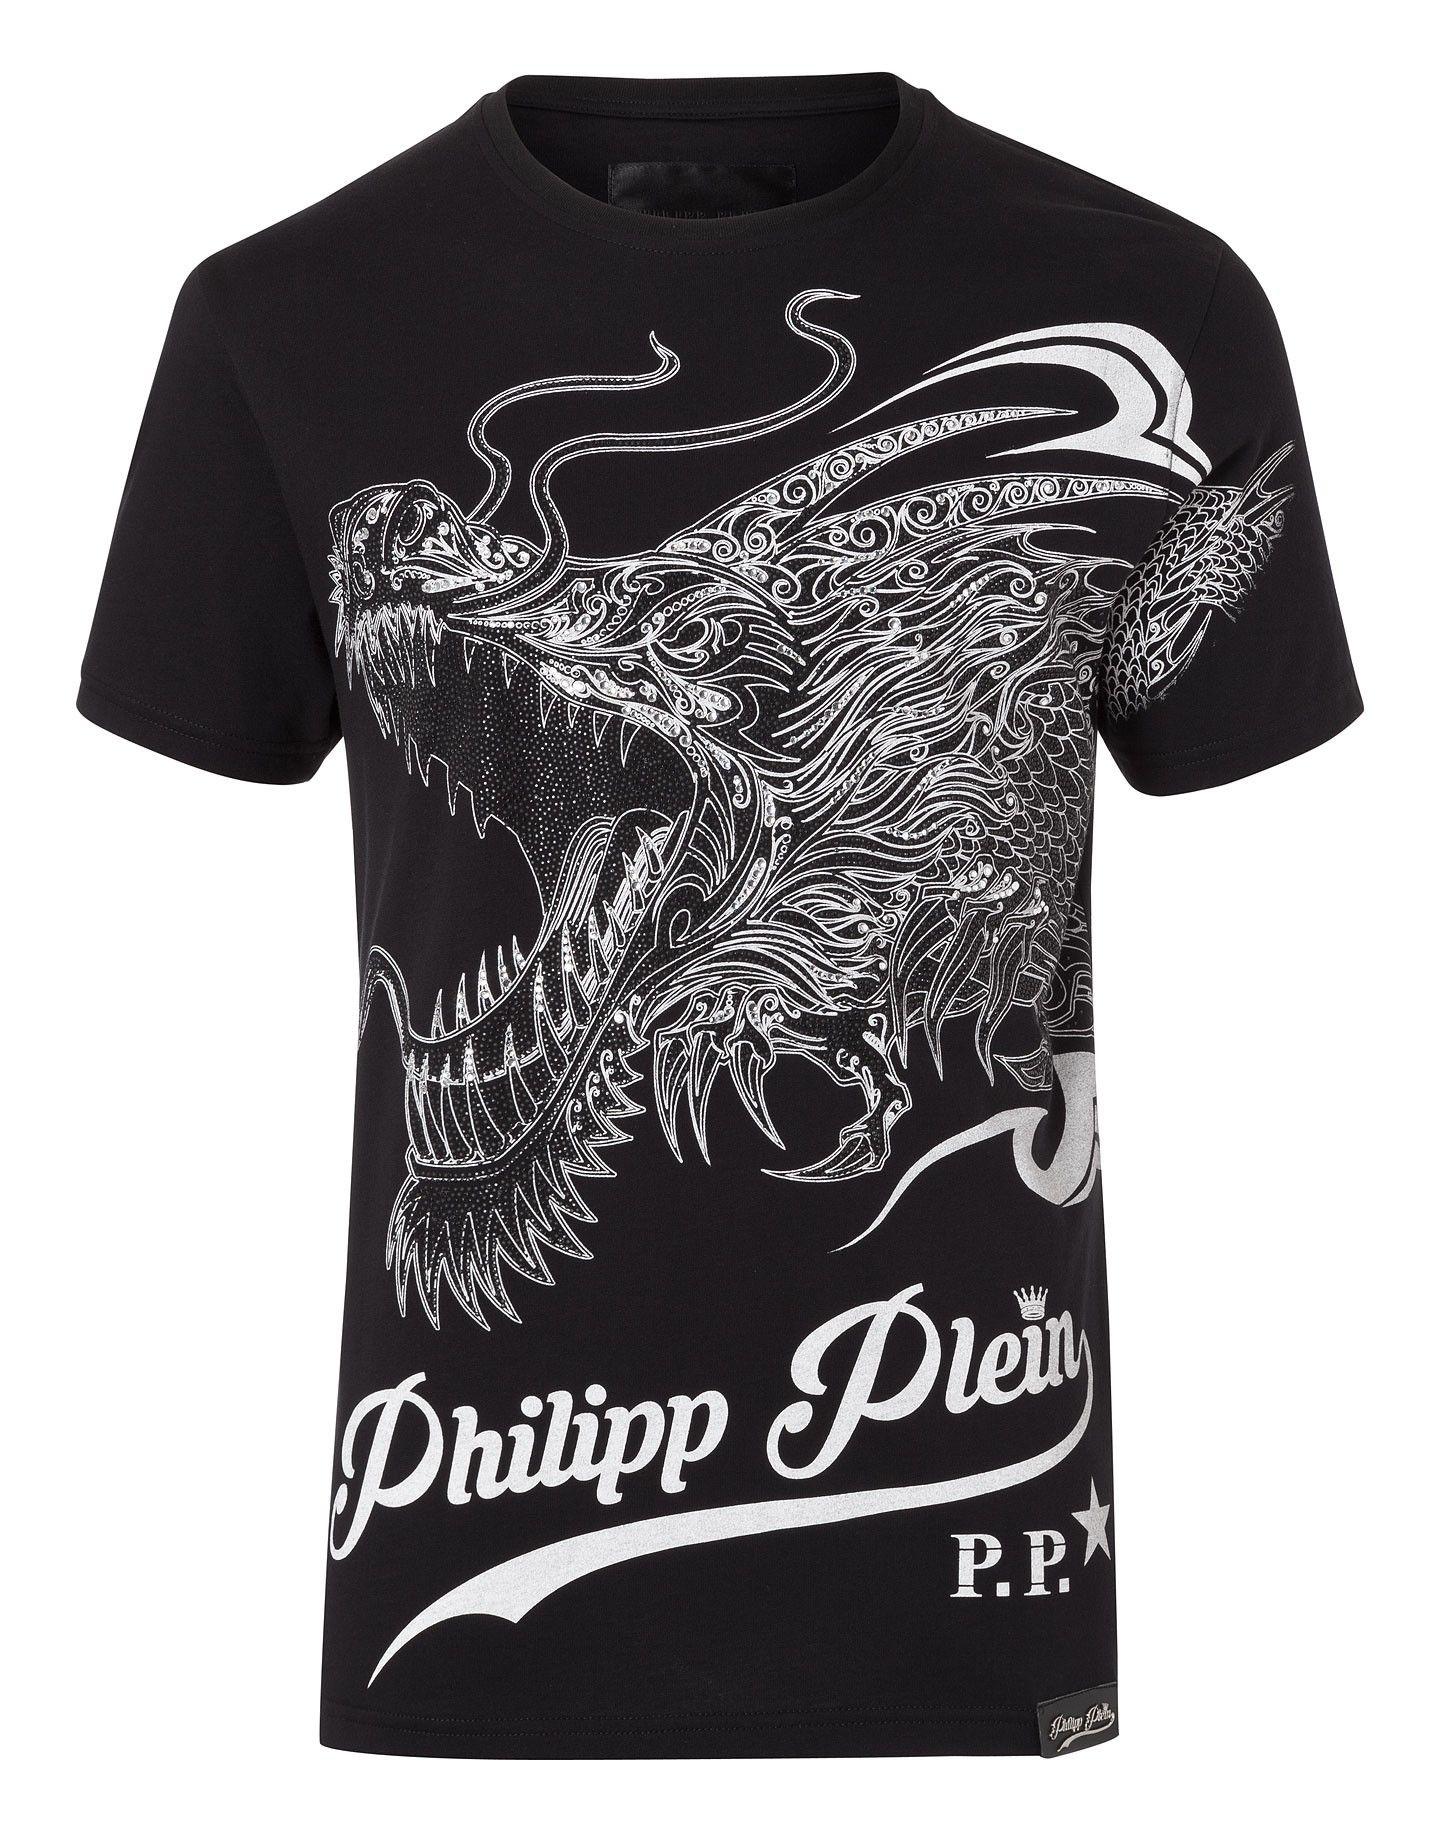 75d35c1da12a PHILIPP PLEIN T-Shirt Round Neck Ss